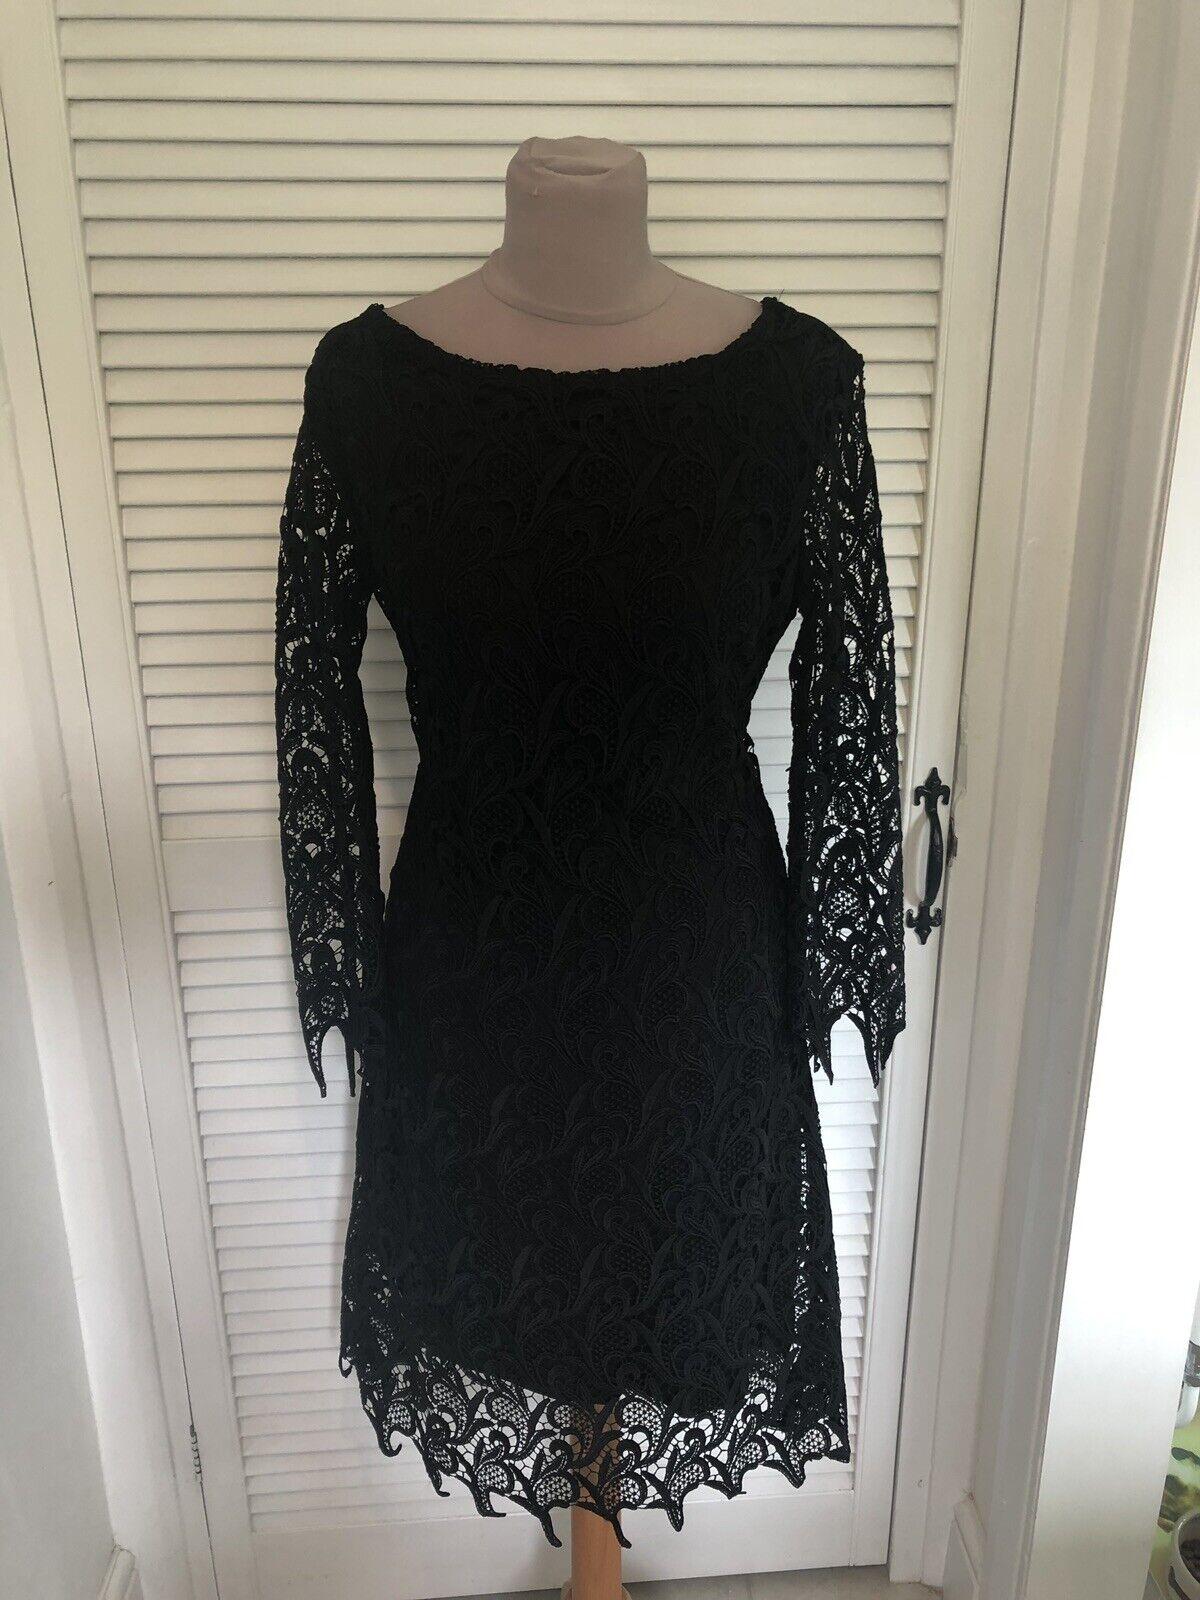 Zara Negro Vestido Tejido Crochet Telaraña Con Etiqueta De